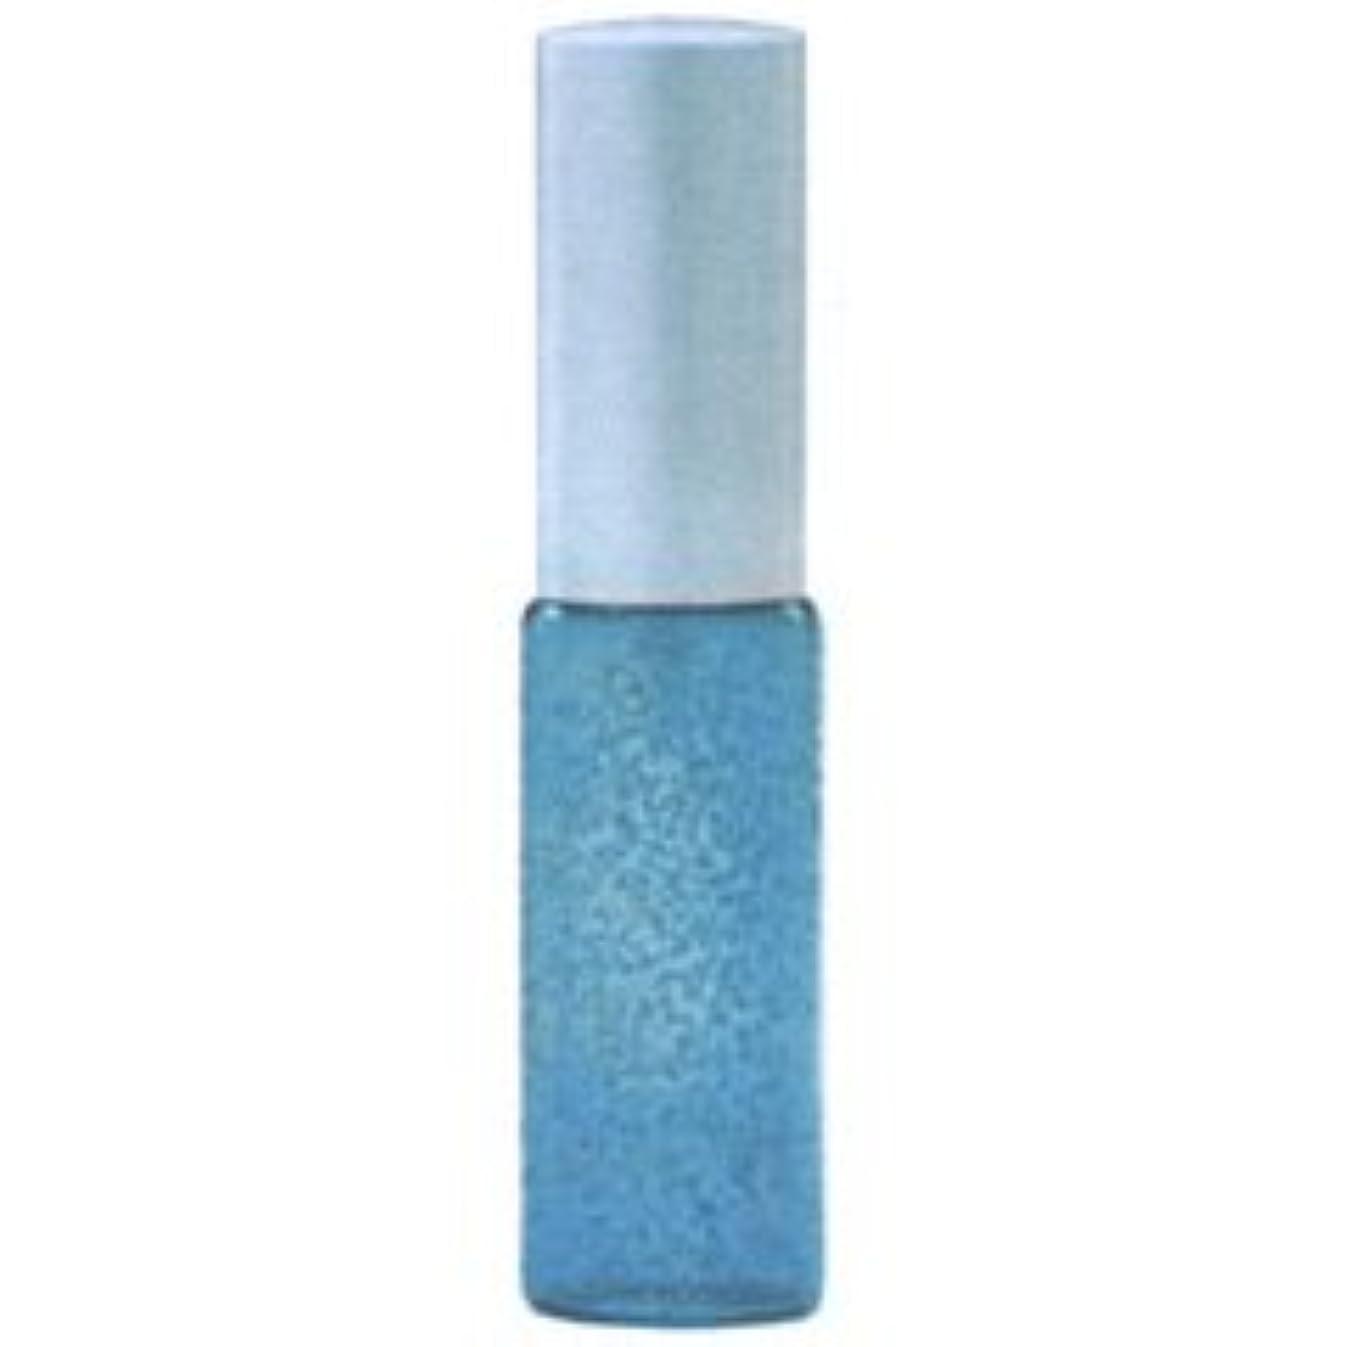 【ヒロセ アトマイザー】デカラメ ガラス アトマイザー メタルポンプ 80096 (10mlデカラメ ブルー) 5ml